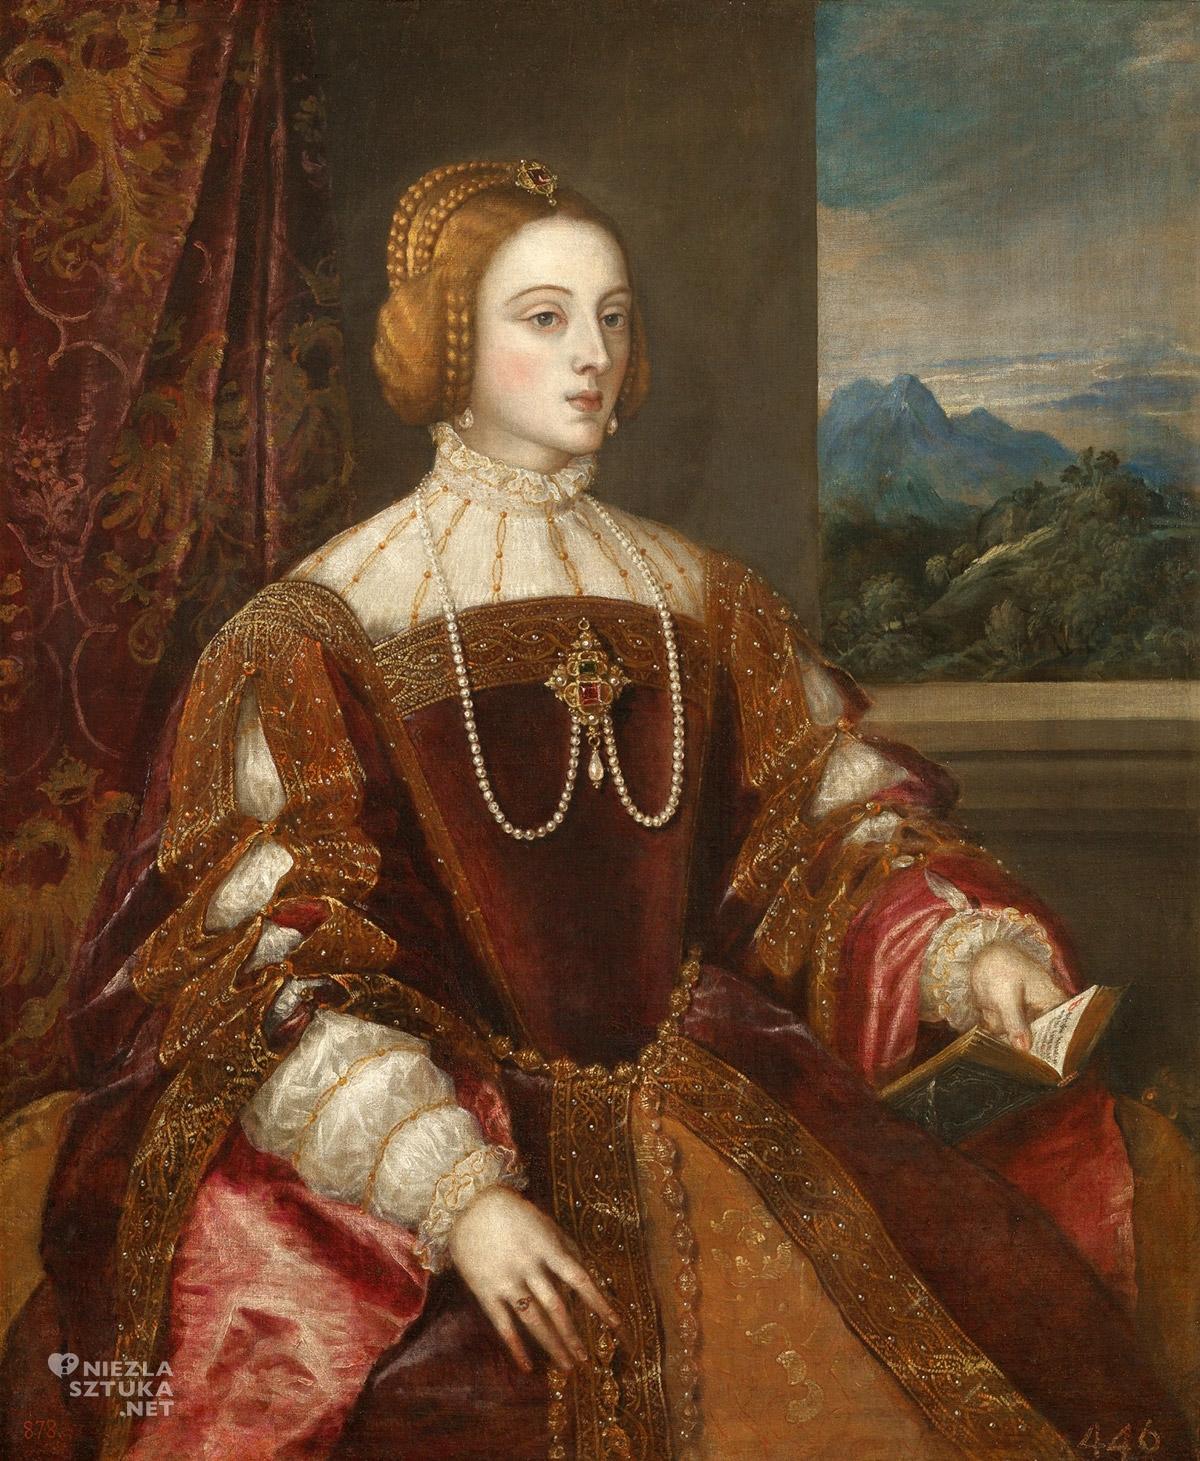 Tycjan, Isabella Portugalska, sztuka włoska, szkoła wenecka, renesans, Niezła Sztuka